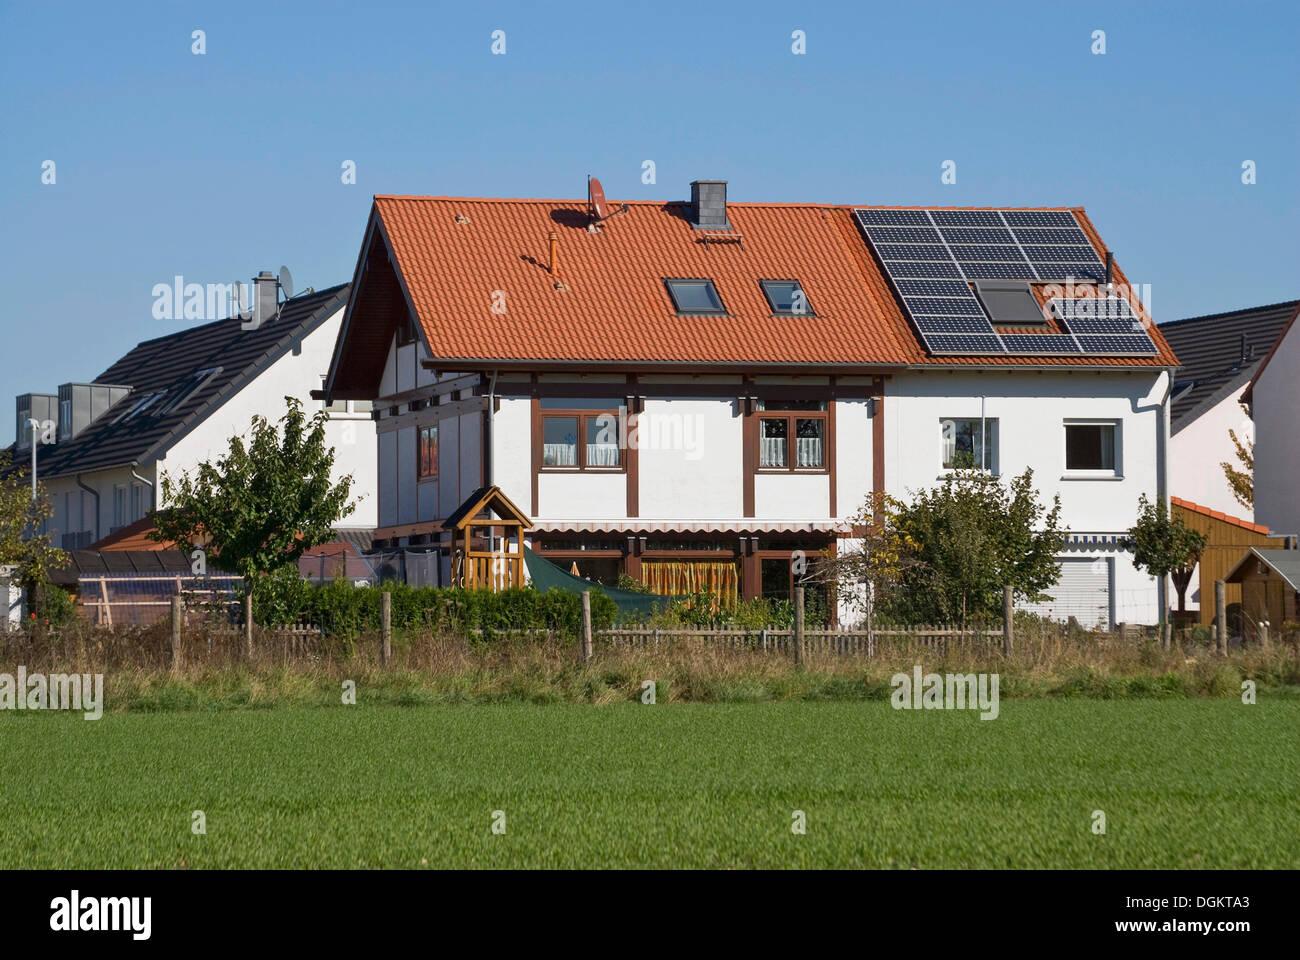 Multi-casa di famiglia in un alloggiamento residenziale sviluppo con pannelli solari sul tetto, PublicGround Immagini Stock